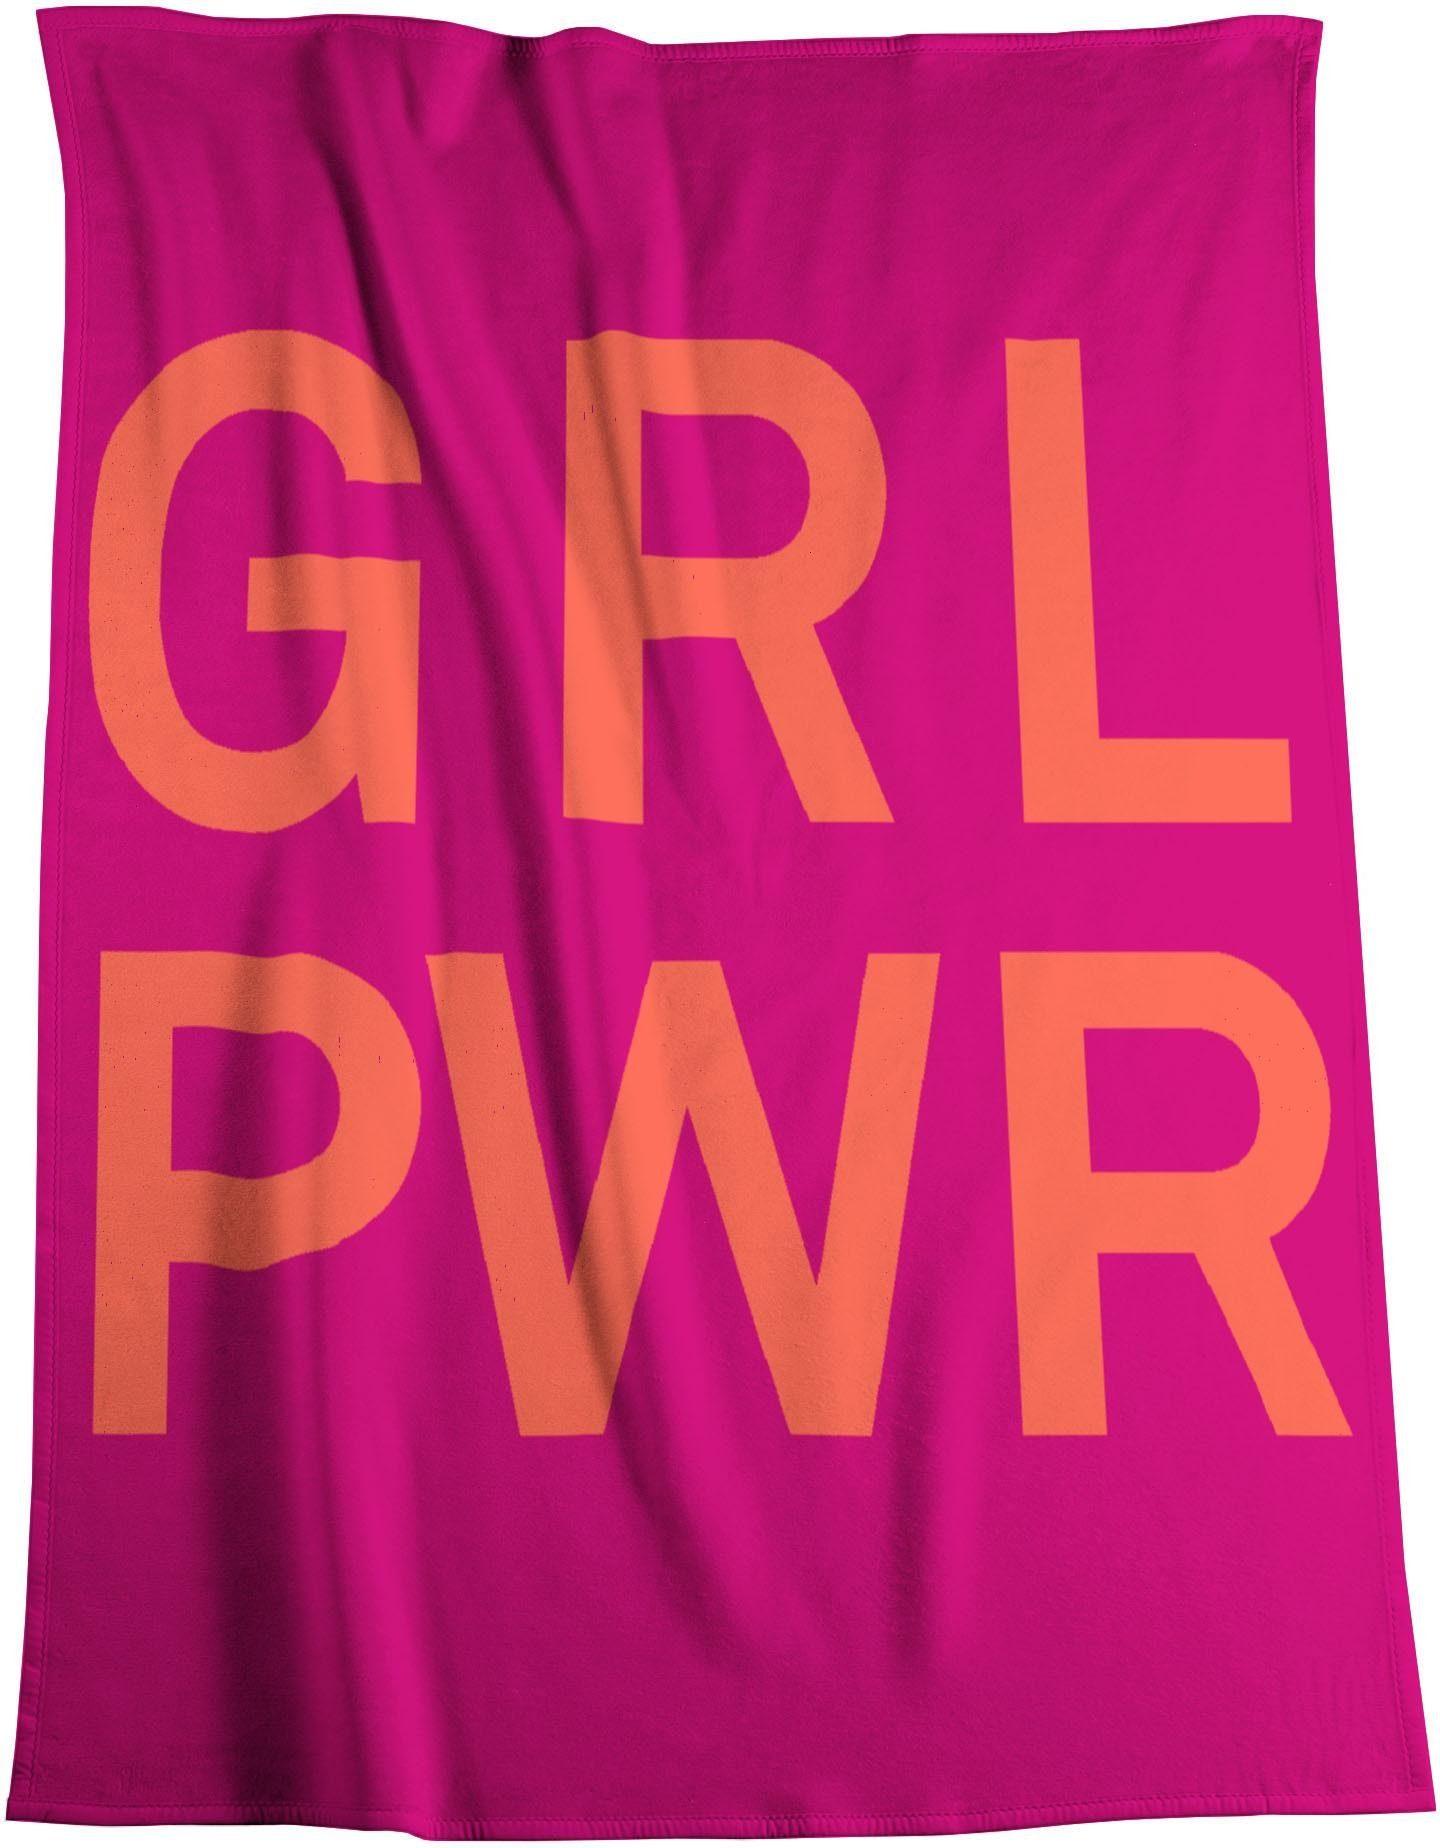 Wohndecke »Girl Power«, BIEDERLACK, mit Schriftzug